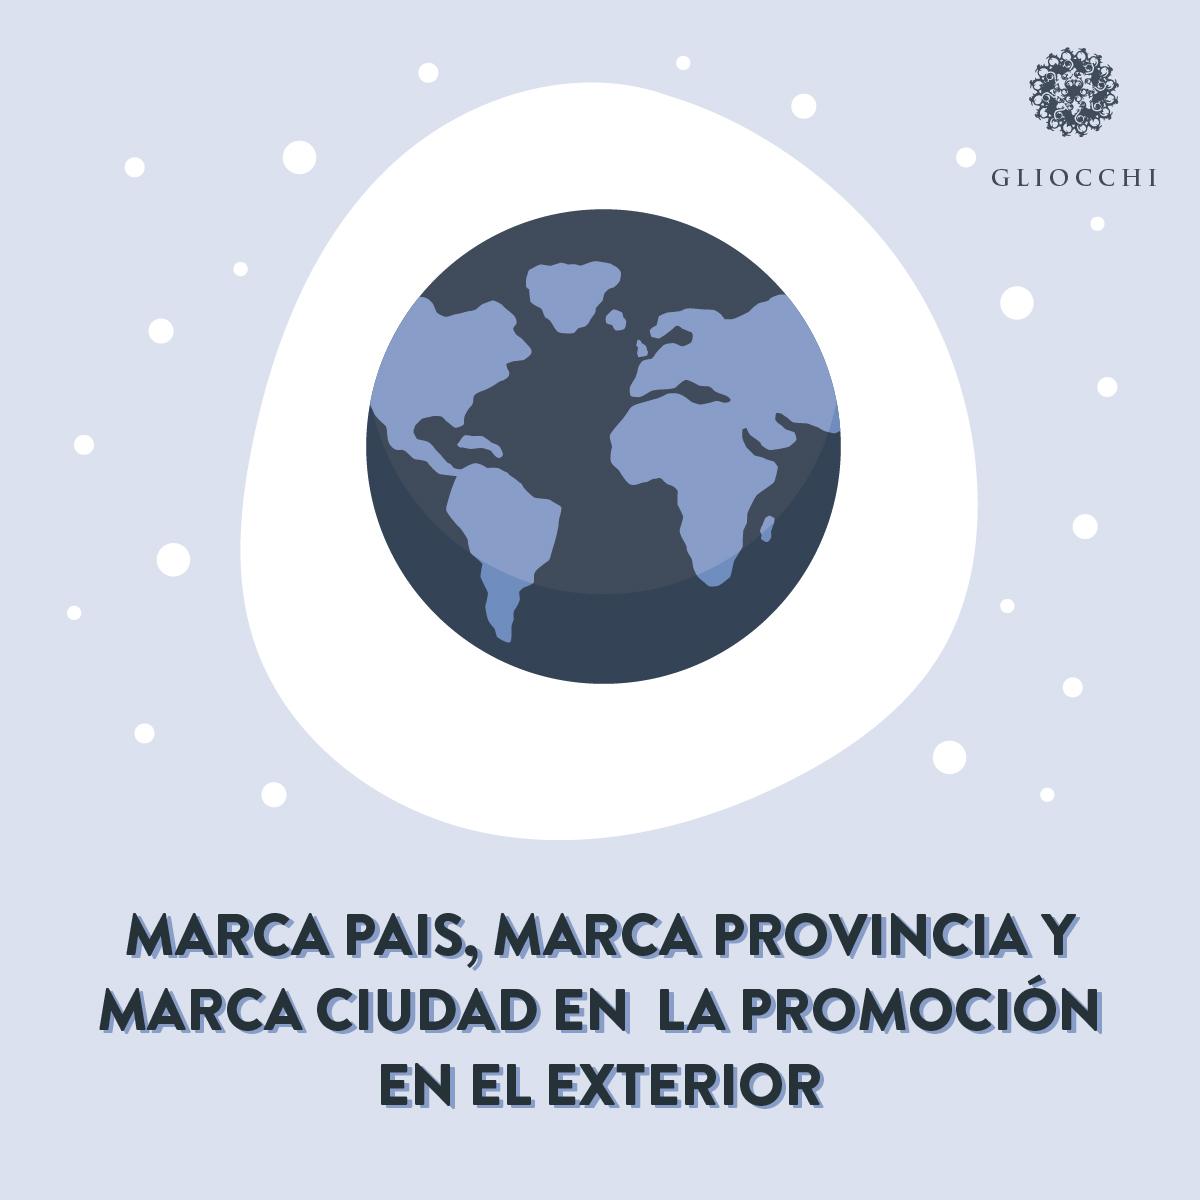 La Marca País, Marca Provincia y la Marca Ciudad en la promoción en el exterior